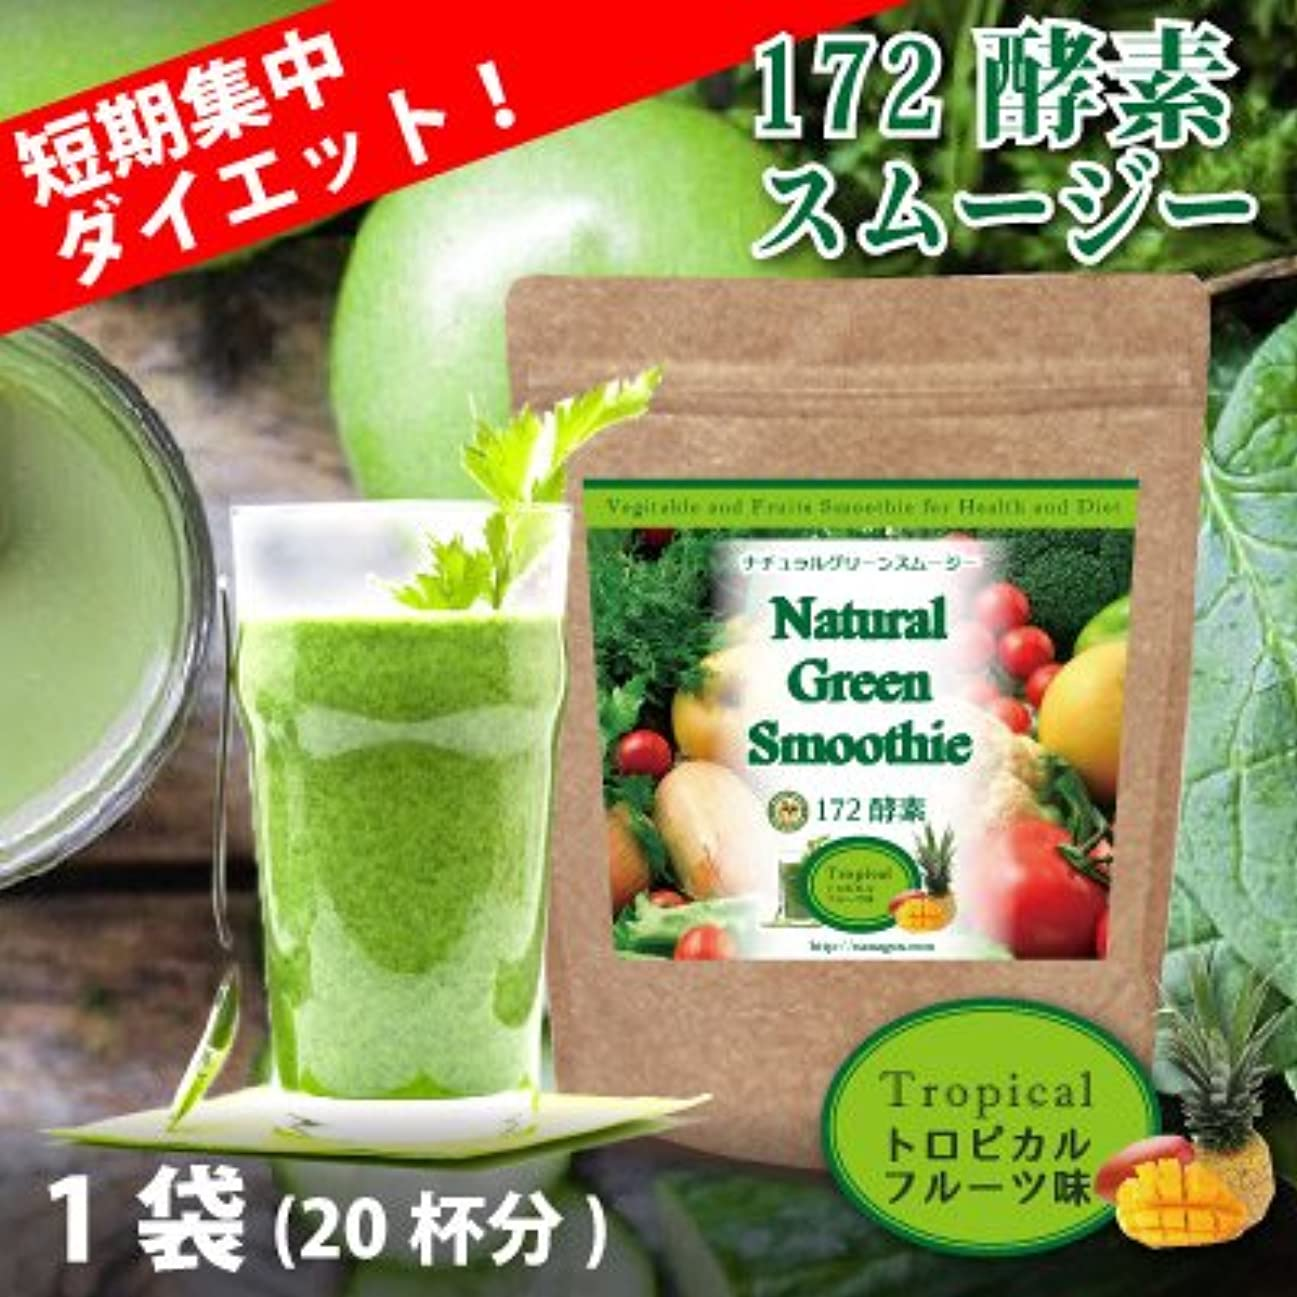 手綱古代さようなら【ダイエット】越中ななごん堂のナチュラルグリーンスムージー 置換え 172酵素 200g